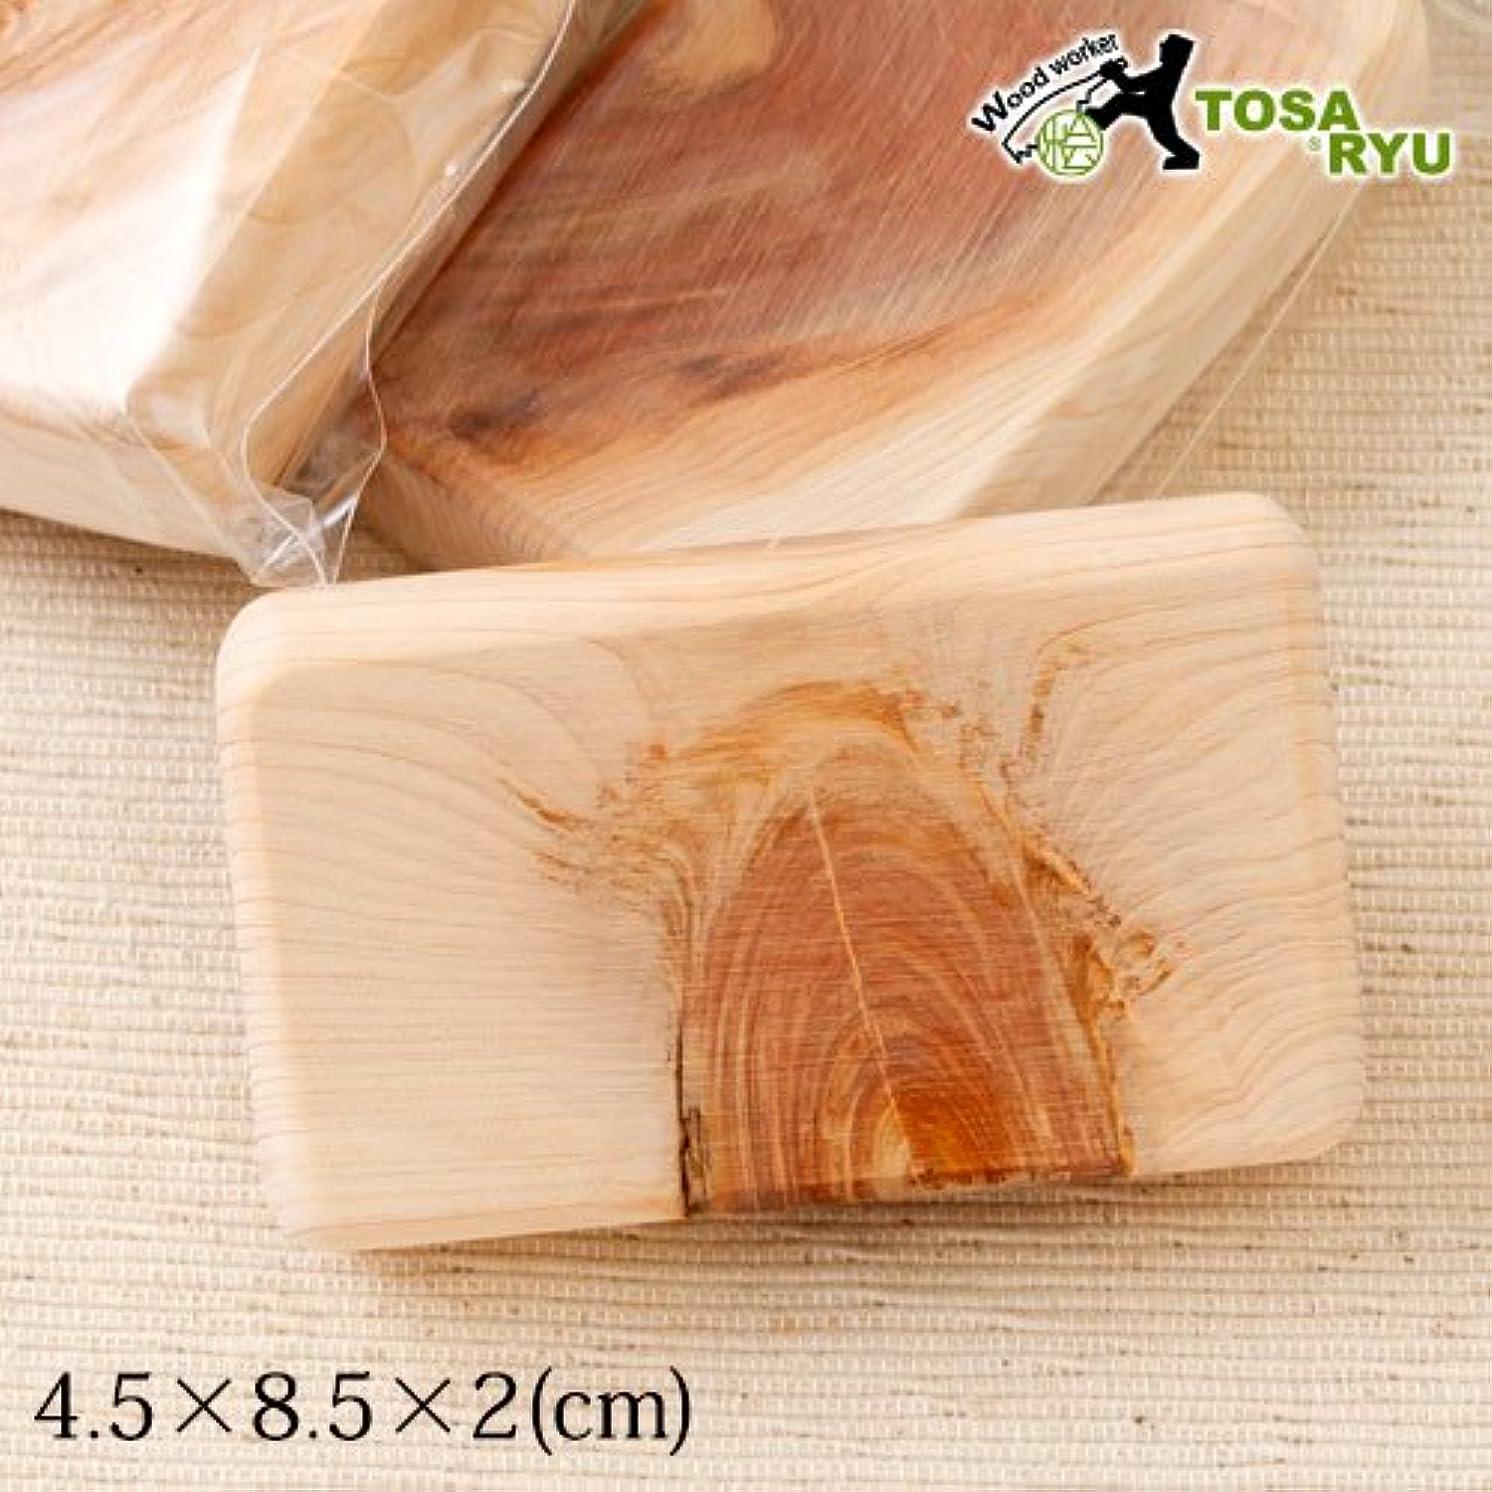 いらいらさせるウール自信がある土佐龍アロマブロック(1個)高知県の工芸品Aroma massager of cypress, Kochi craft